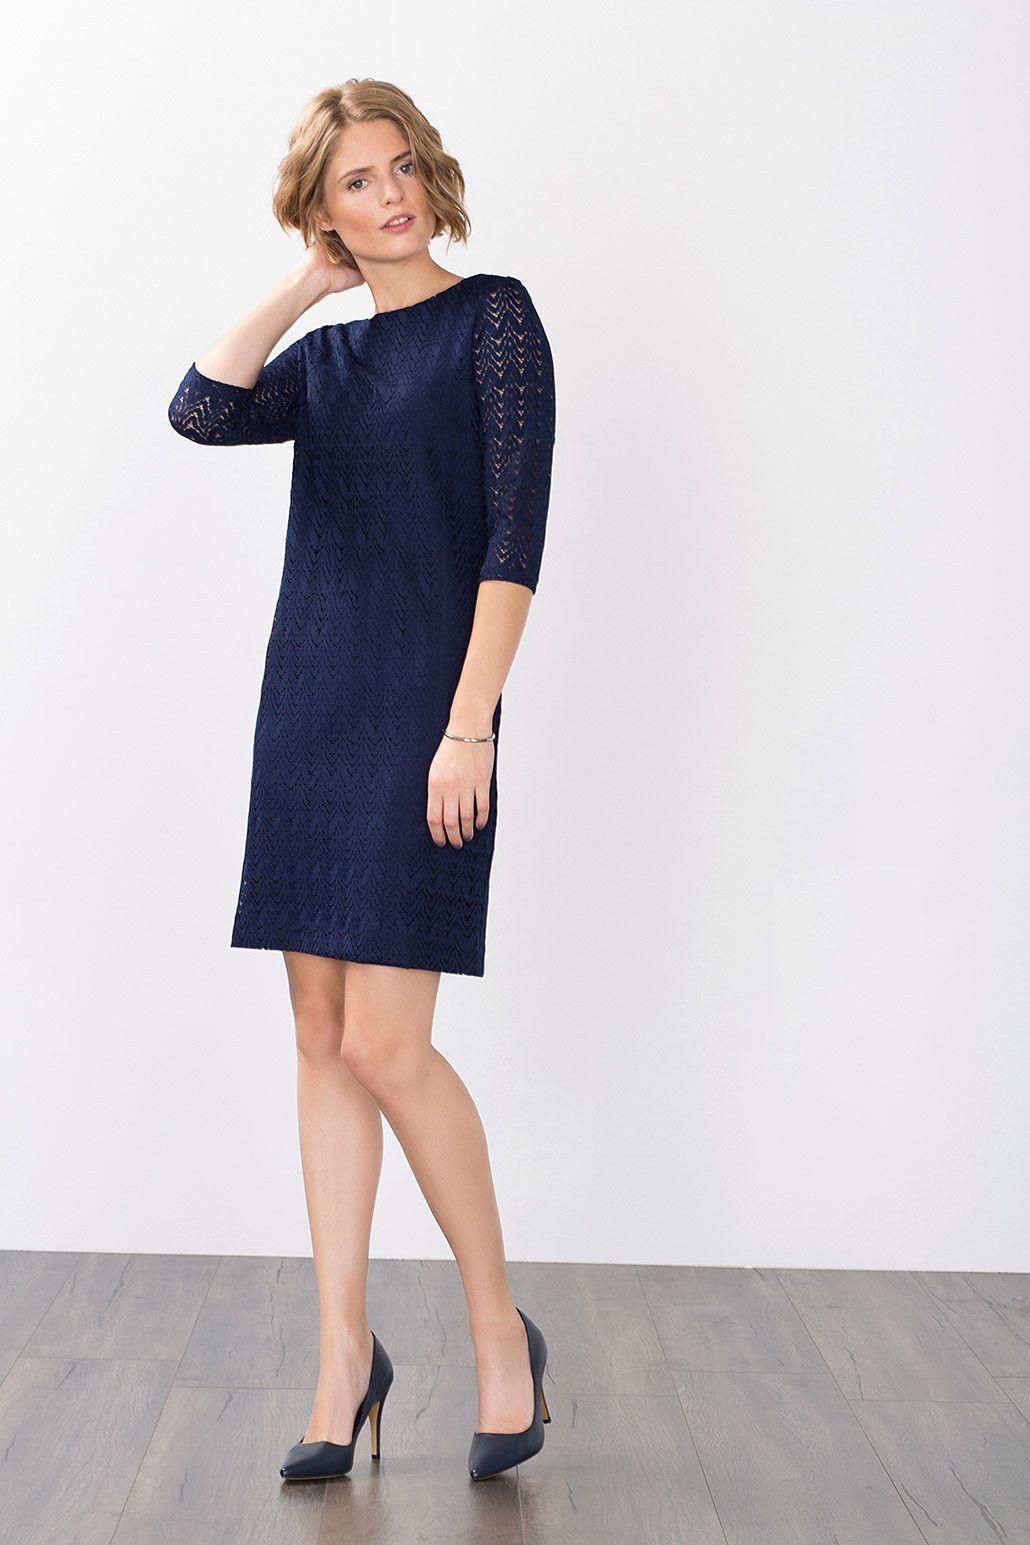 Schönes Kleid mit Spitze in Dunkelblau von Esprit.  Kleider